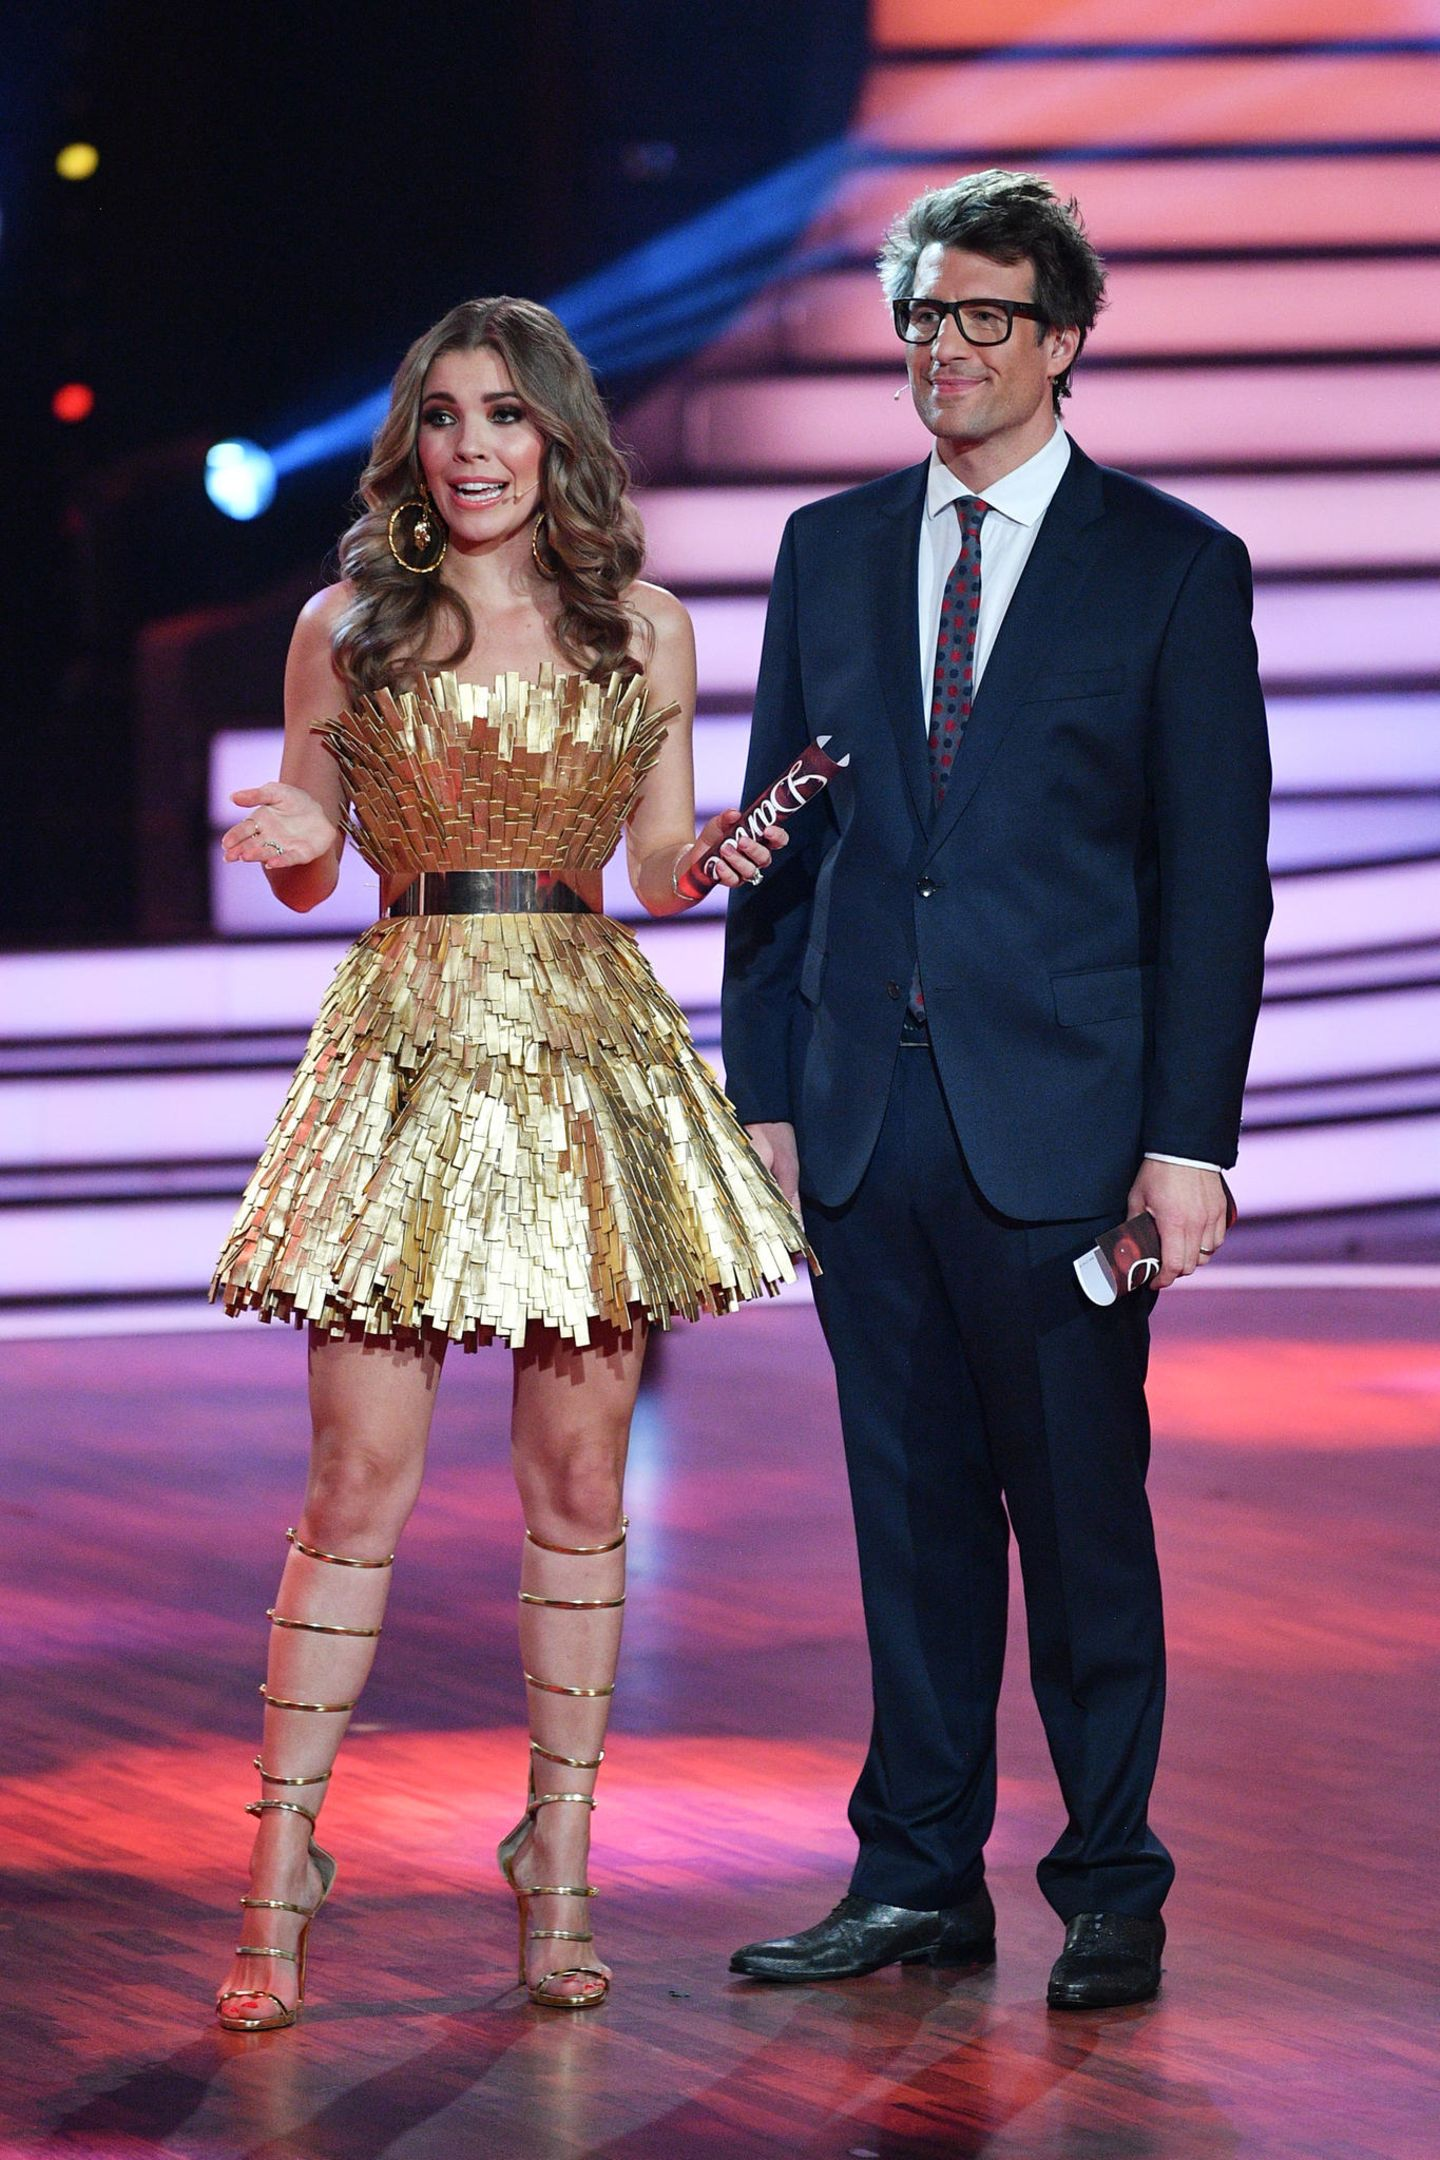 ... ziert die hübschen Beine der 25-Jährigen. Victoria führt auf Sandaletten im Gladiatoren-Stil souverän an der Seite von Co-Moderator Daniel Hartwich durch den Abend.